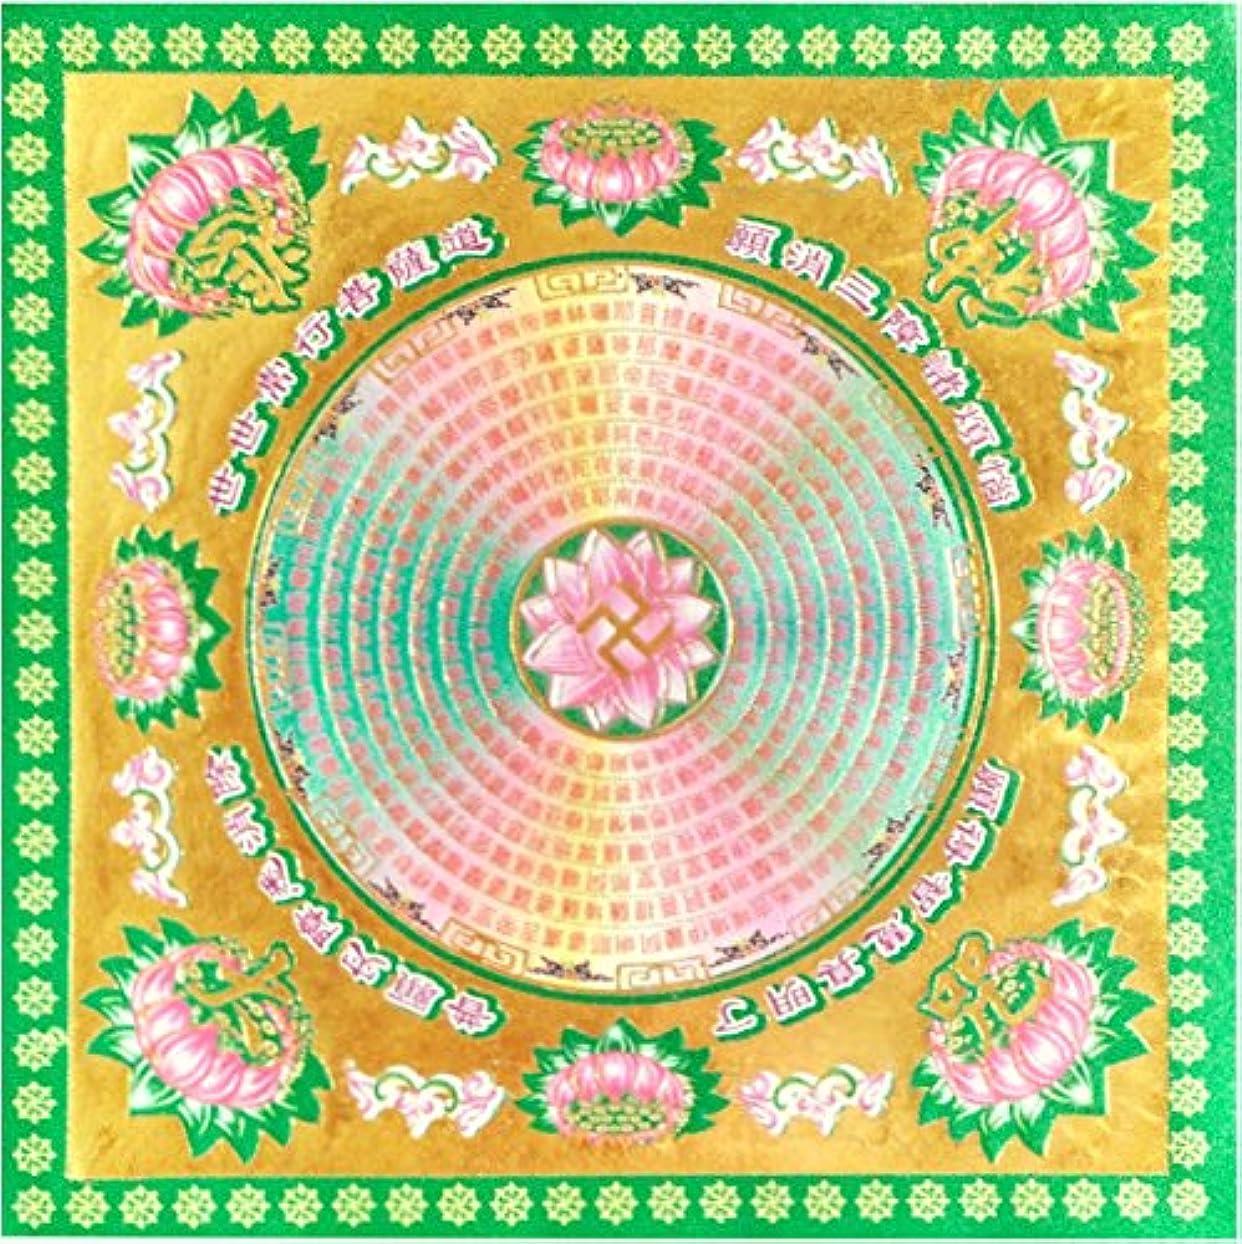 エンドウエキサイティングダーリン紙香 / 冥銭 49枚 高級 金箔付き色彩豊か (サイズ S) 祖先への祈りのため 7.5インチ×7.5インチ(緑色)